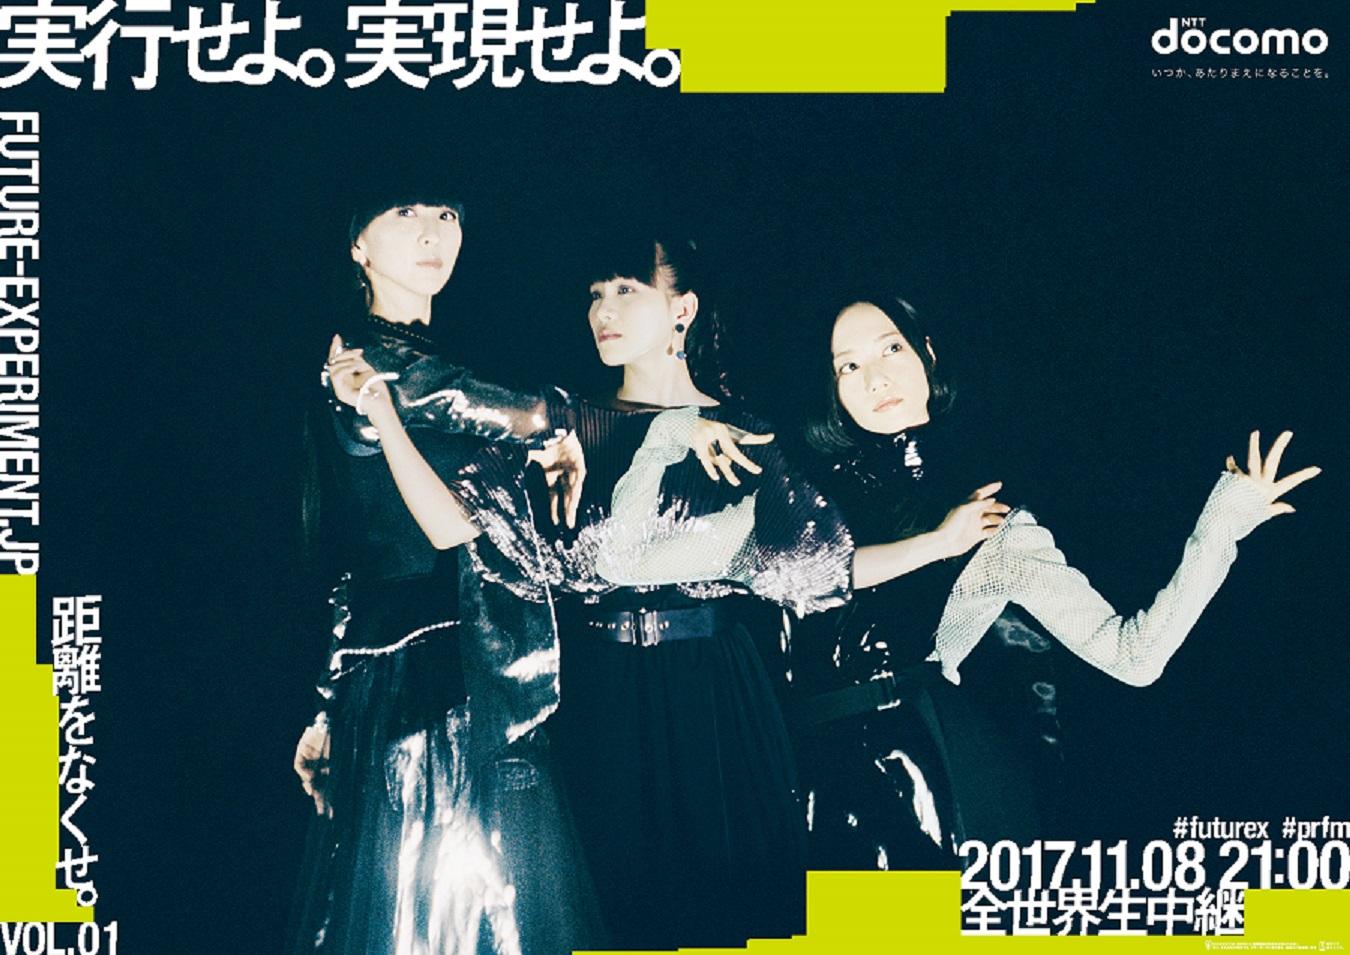 docomo × Perfumeがコラボ!11月8日 21時から全世界生中継で『FUTURE-EXPERIMENT』プロジェクトを展開!